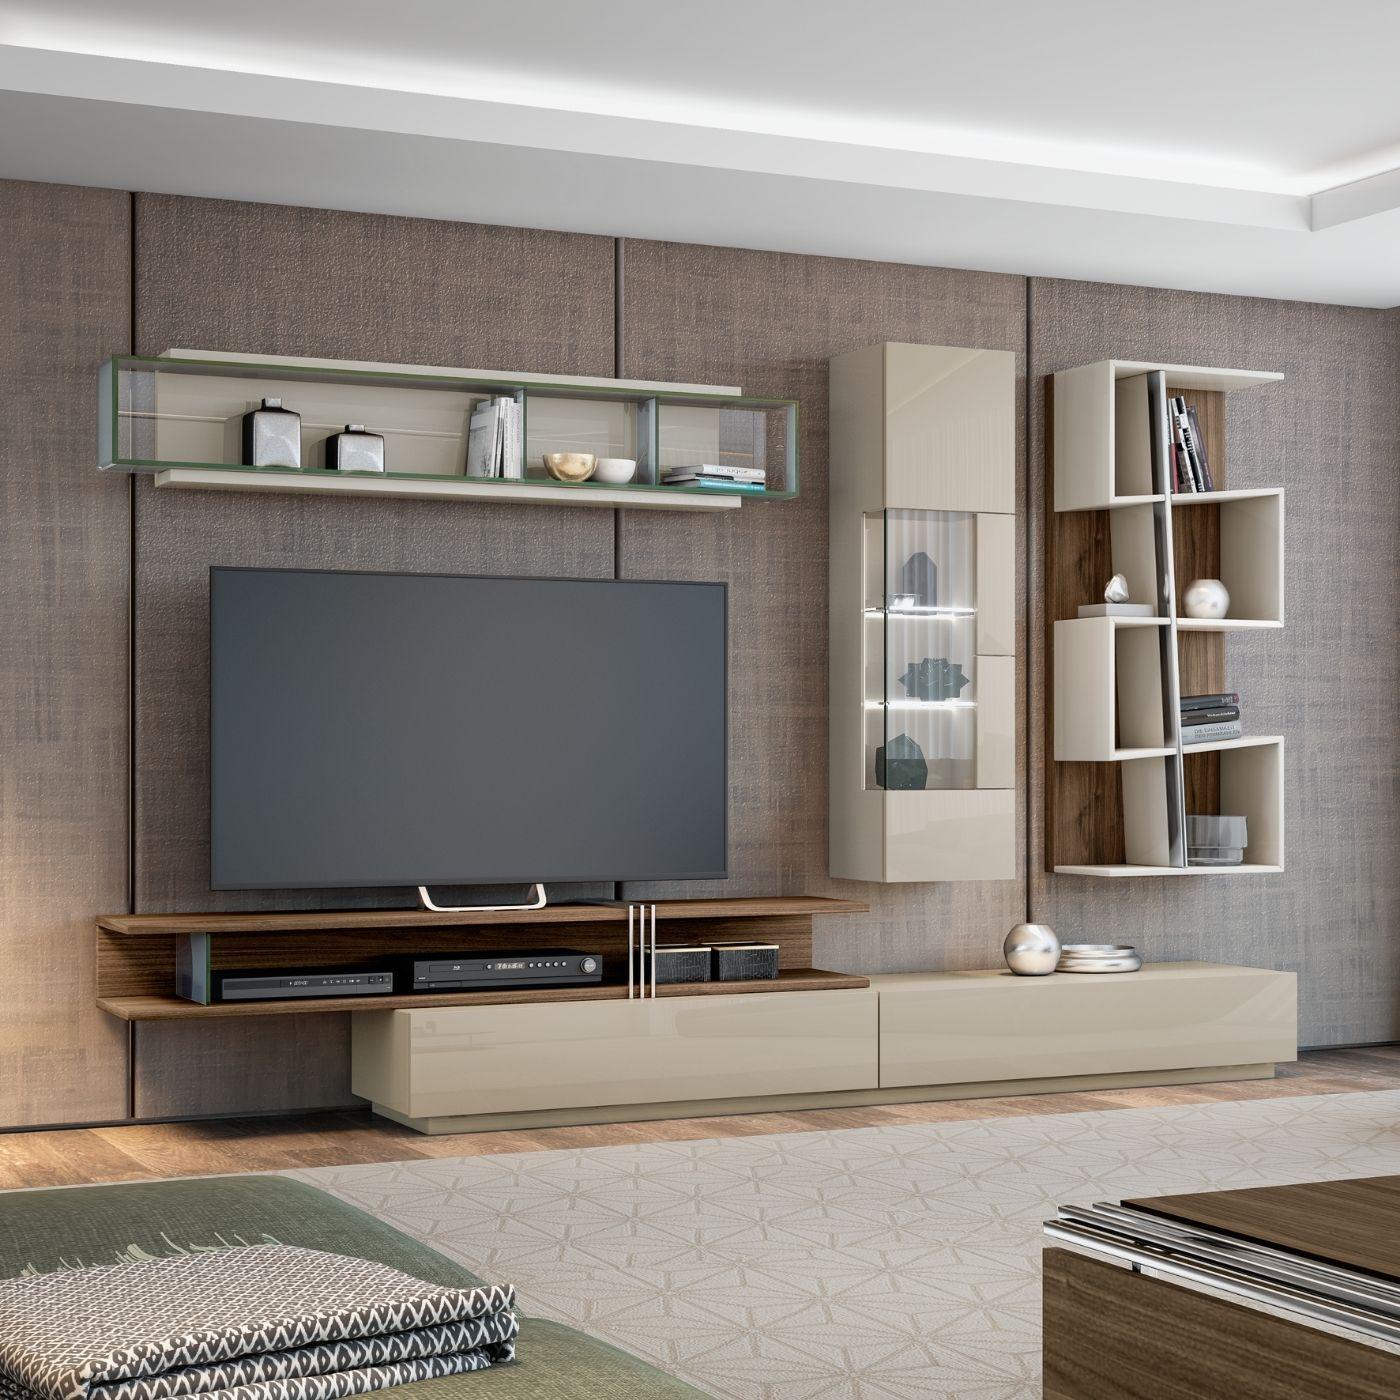 Móvel TV Holf